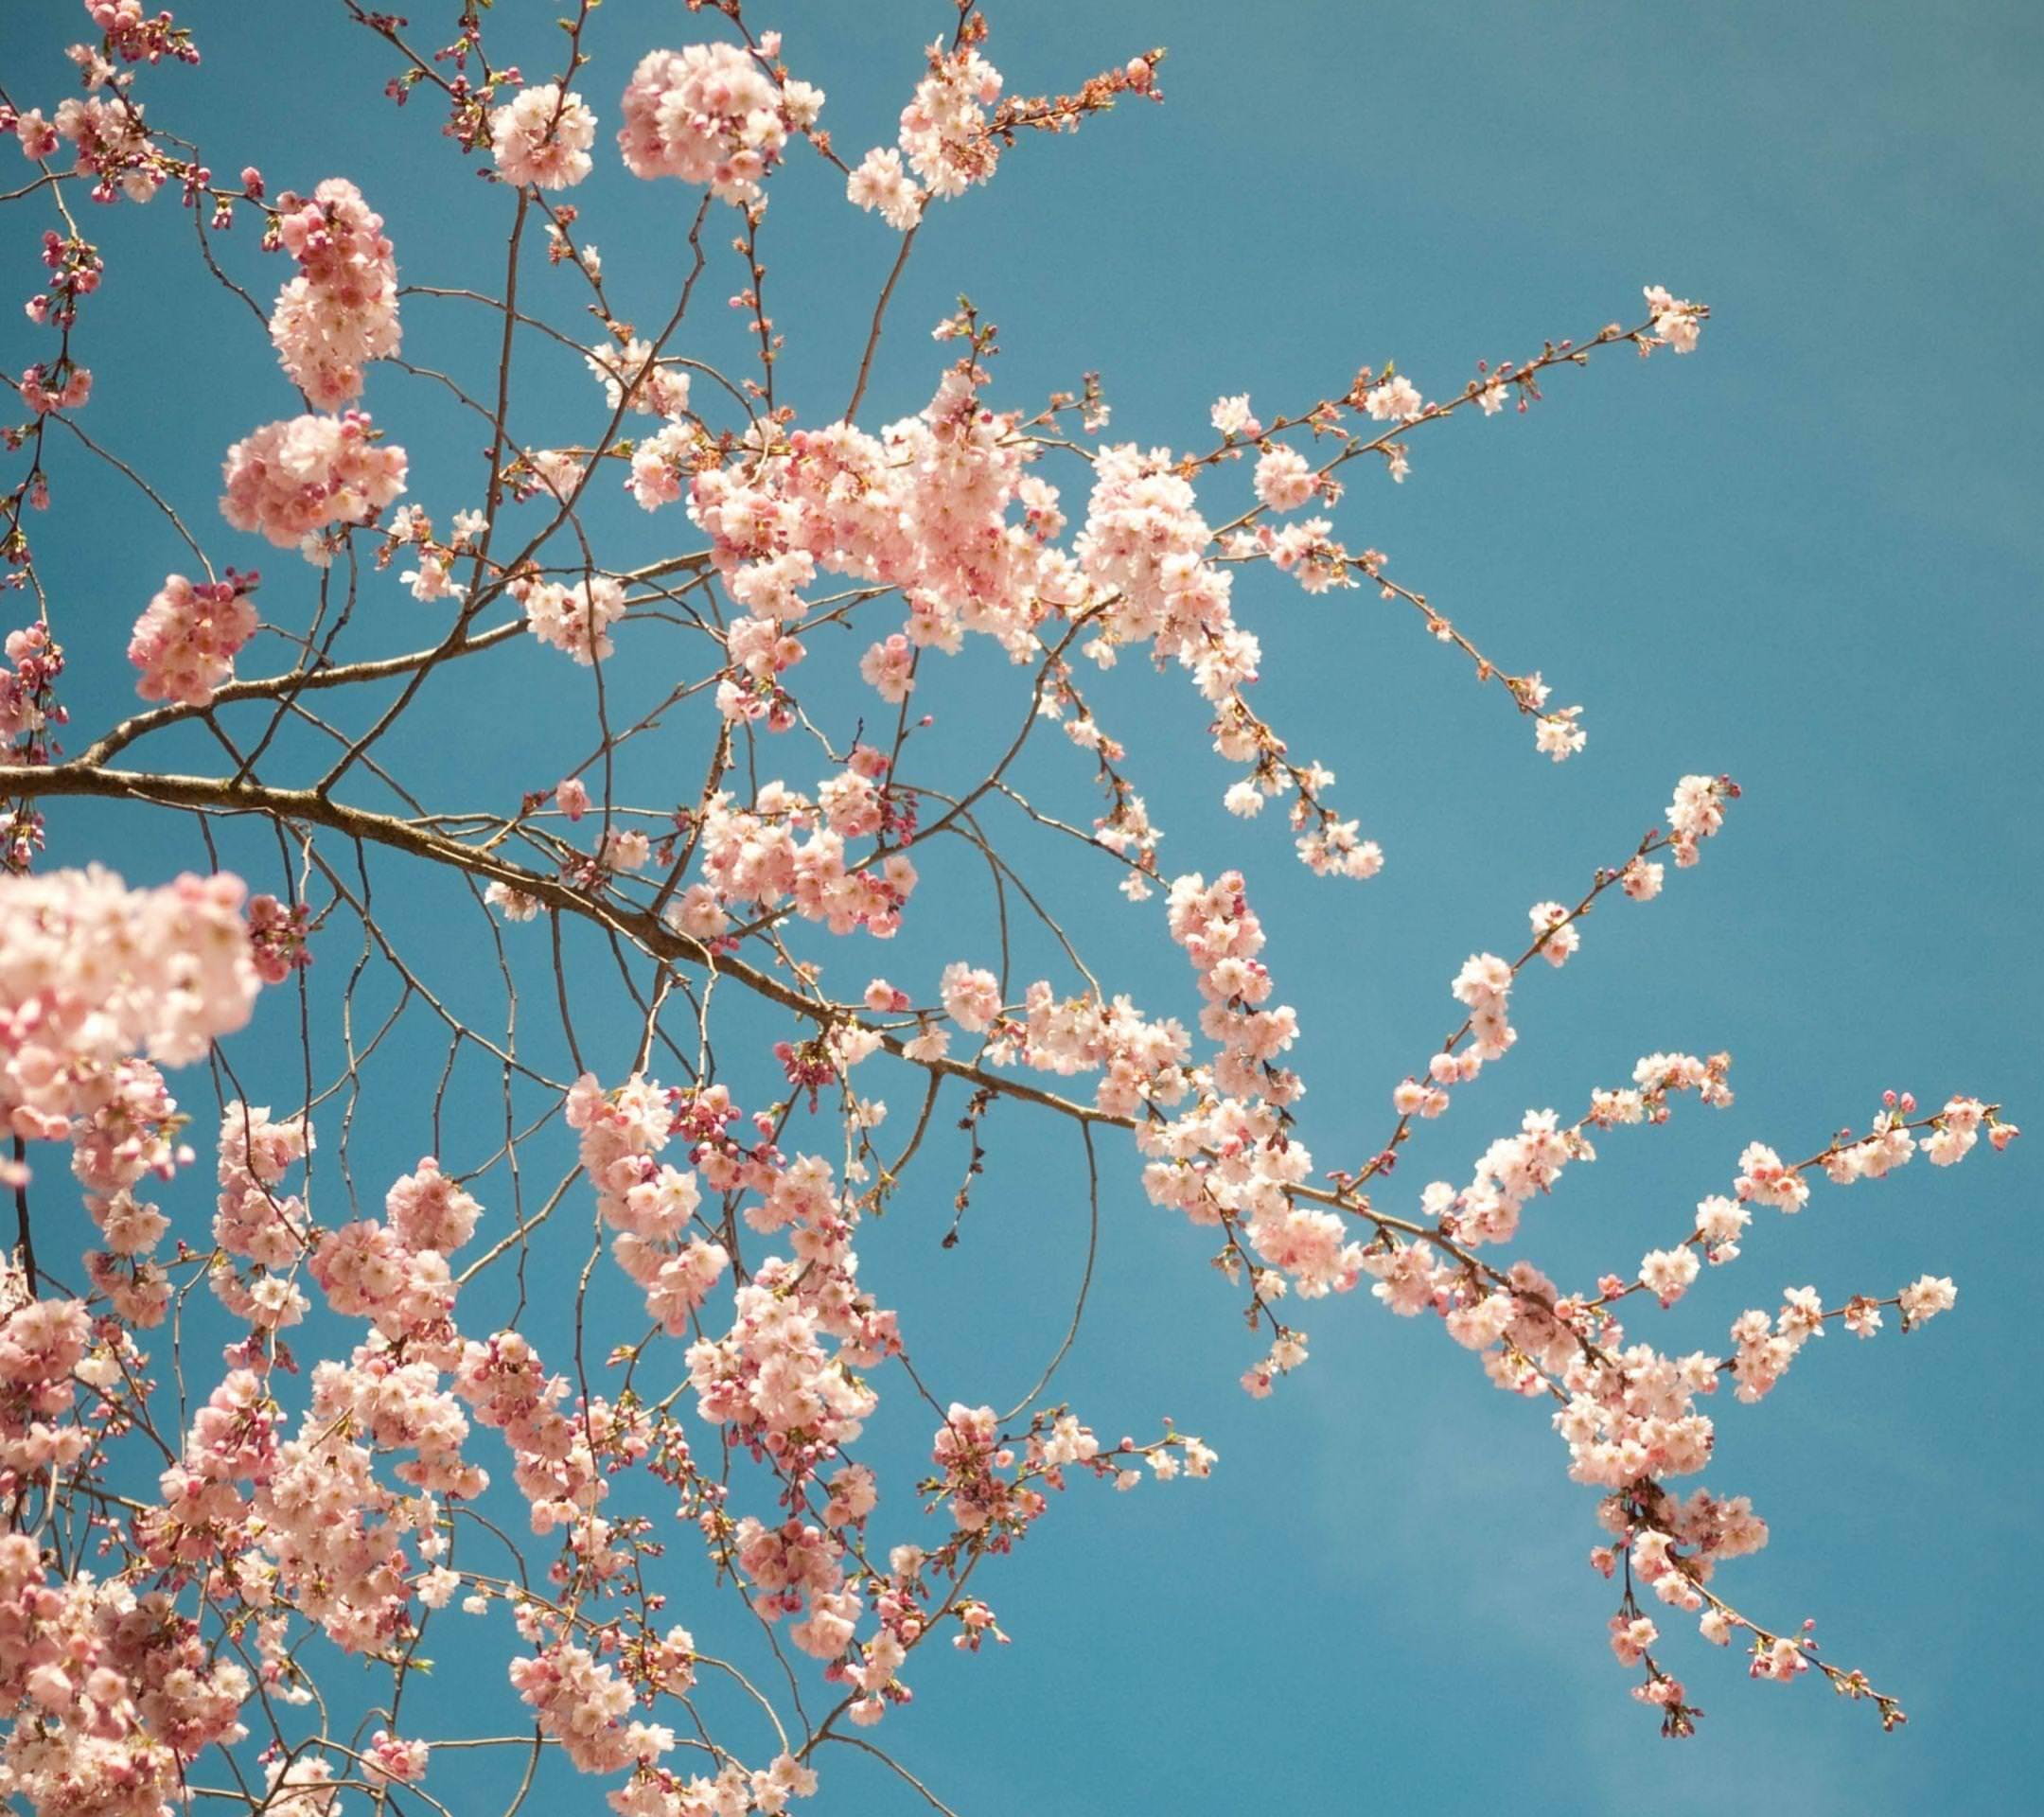 ピンクのかわいい花 Android壁紙